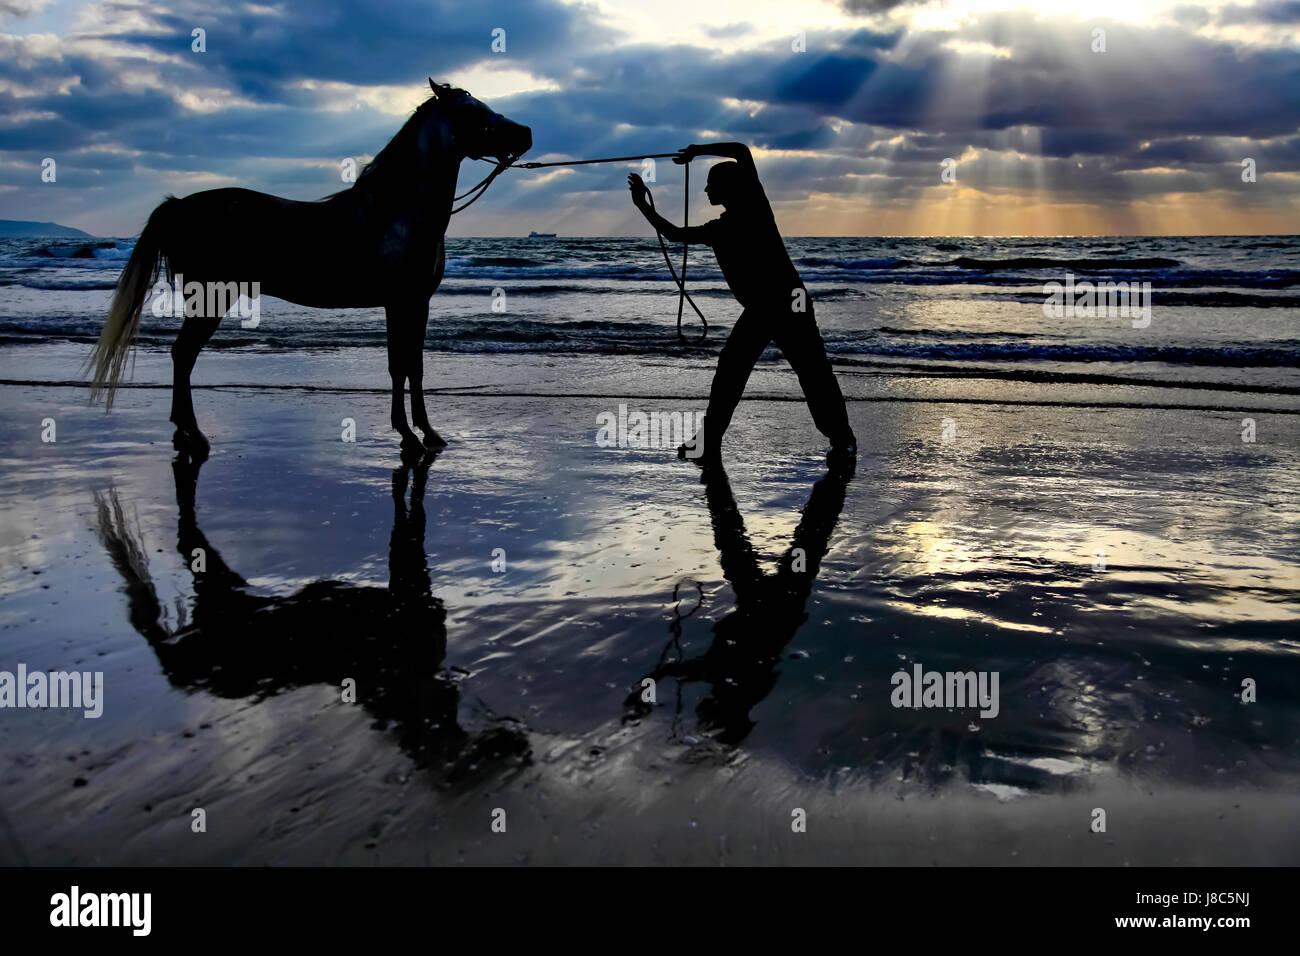 Silhouette d'un homme et de son cheval sur la plage au coucher du soleil méditerranéen. Photographiée Photo Stock